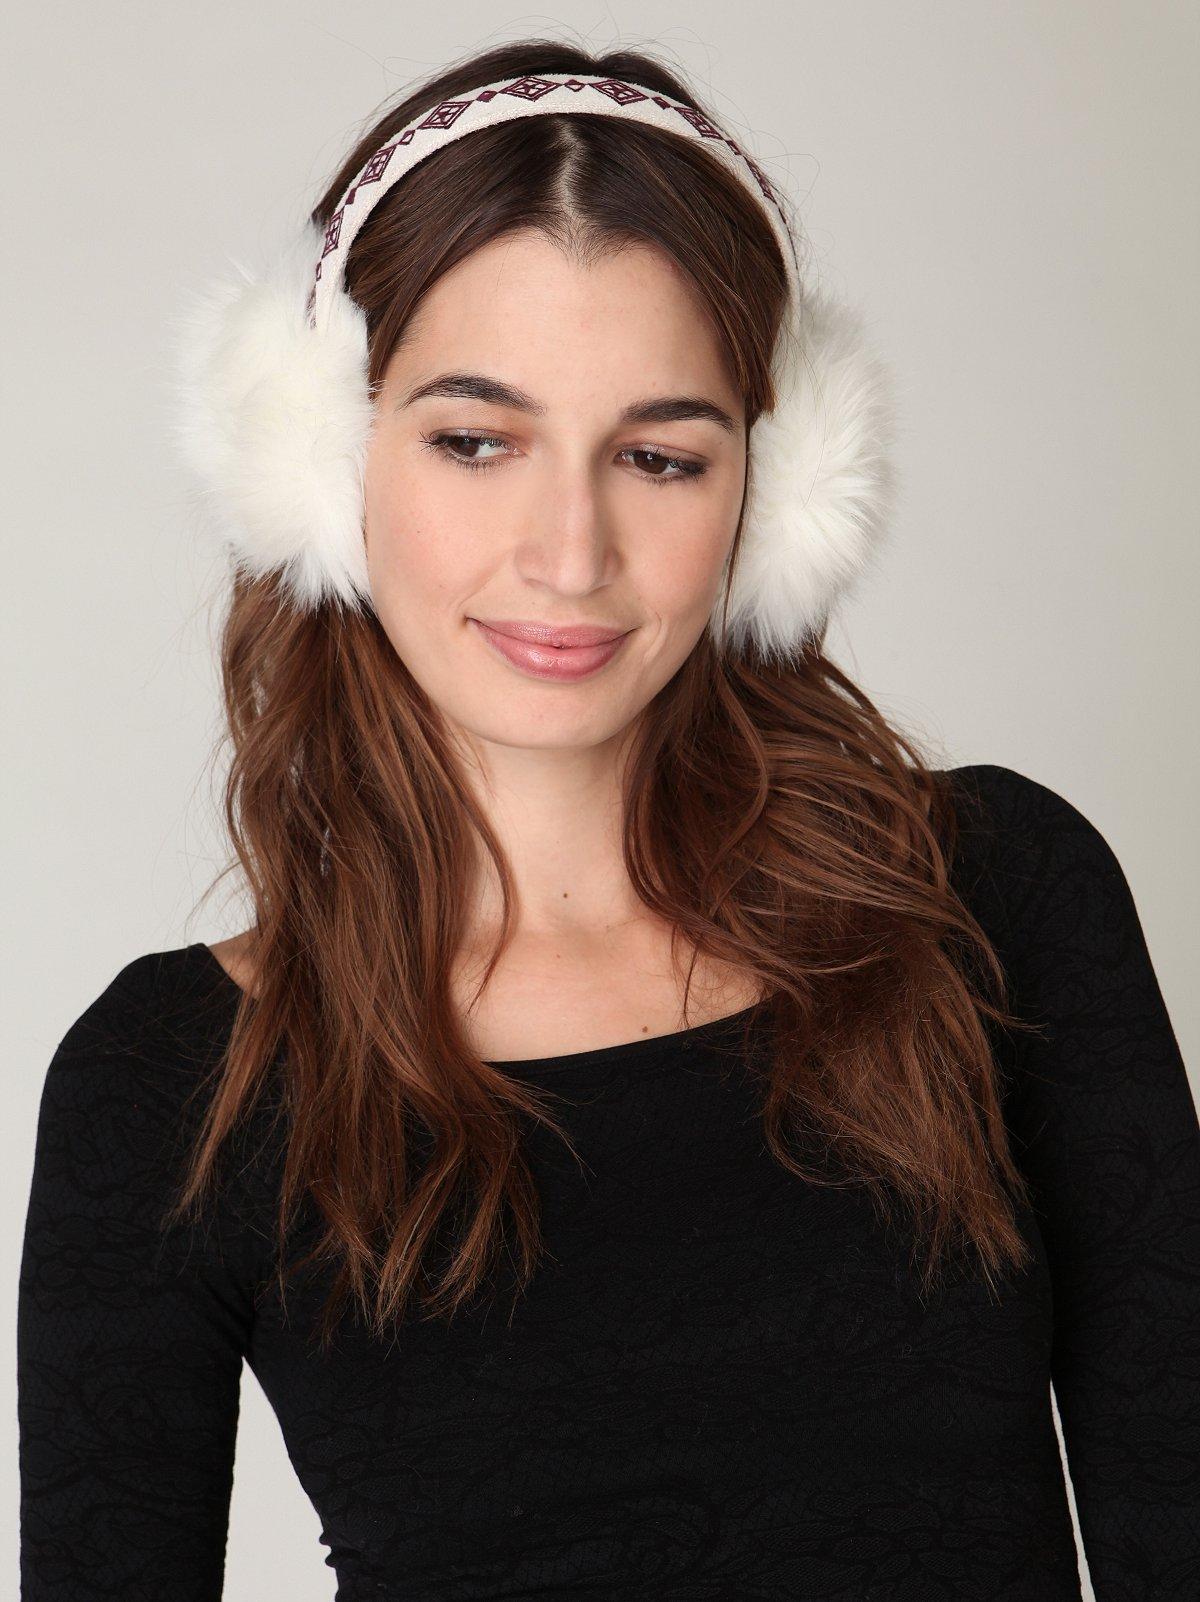 Furry Ear Muffs